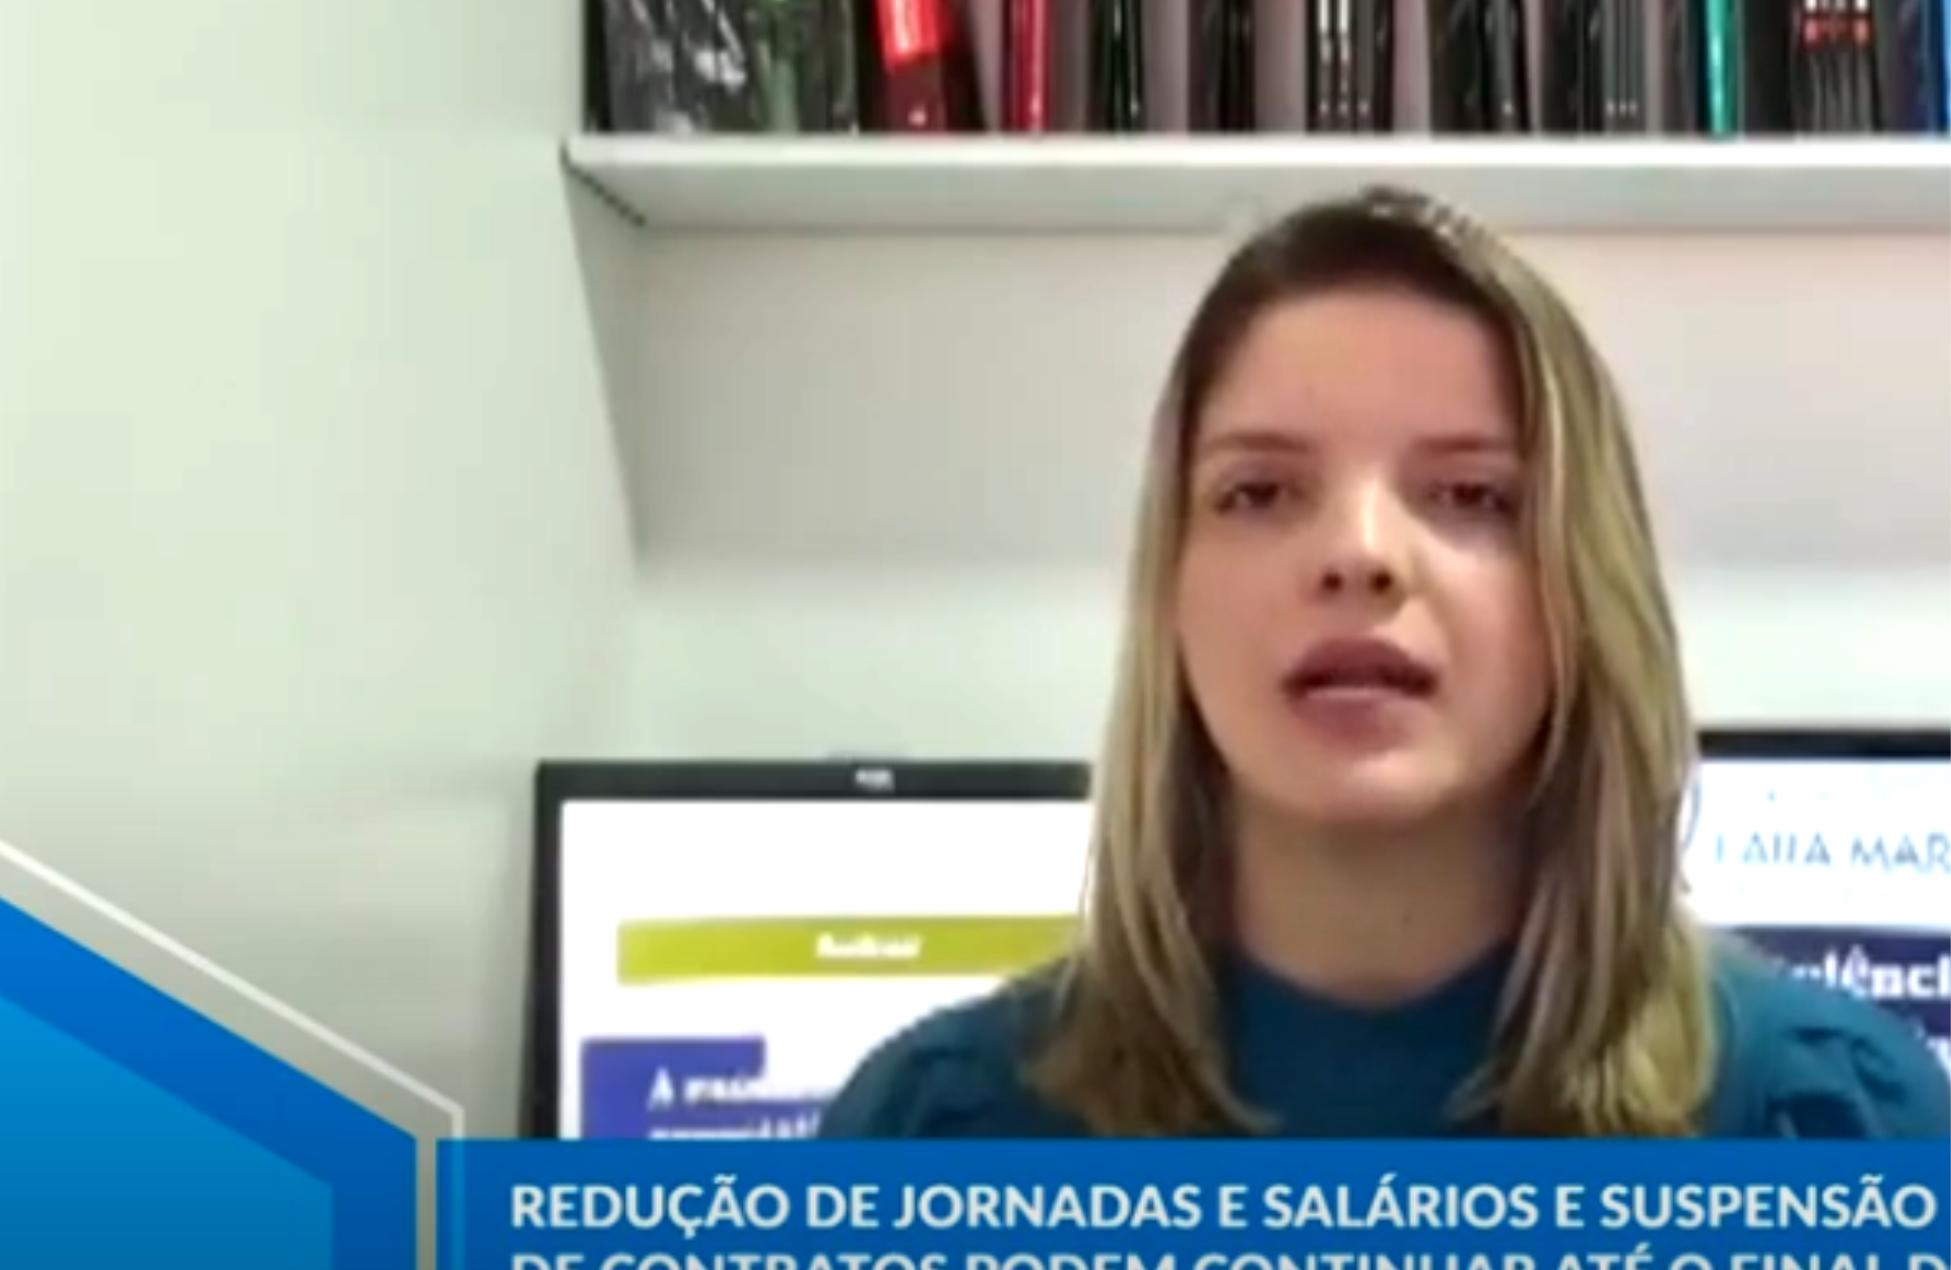 Entrevista TV UFG. Michele Lima. Possibilidade da redução de jornadas, salários e suspensão de contratos continuarem até o final deste ano.